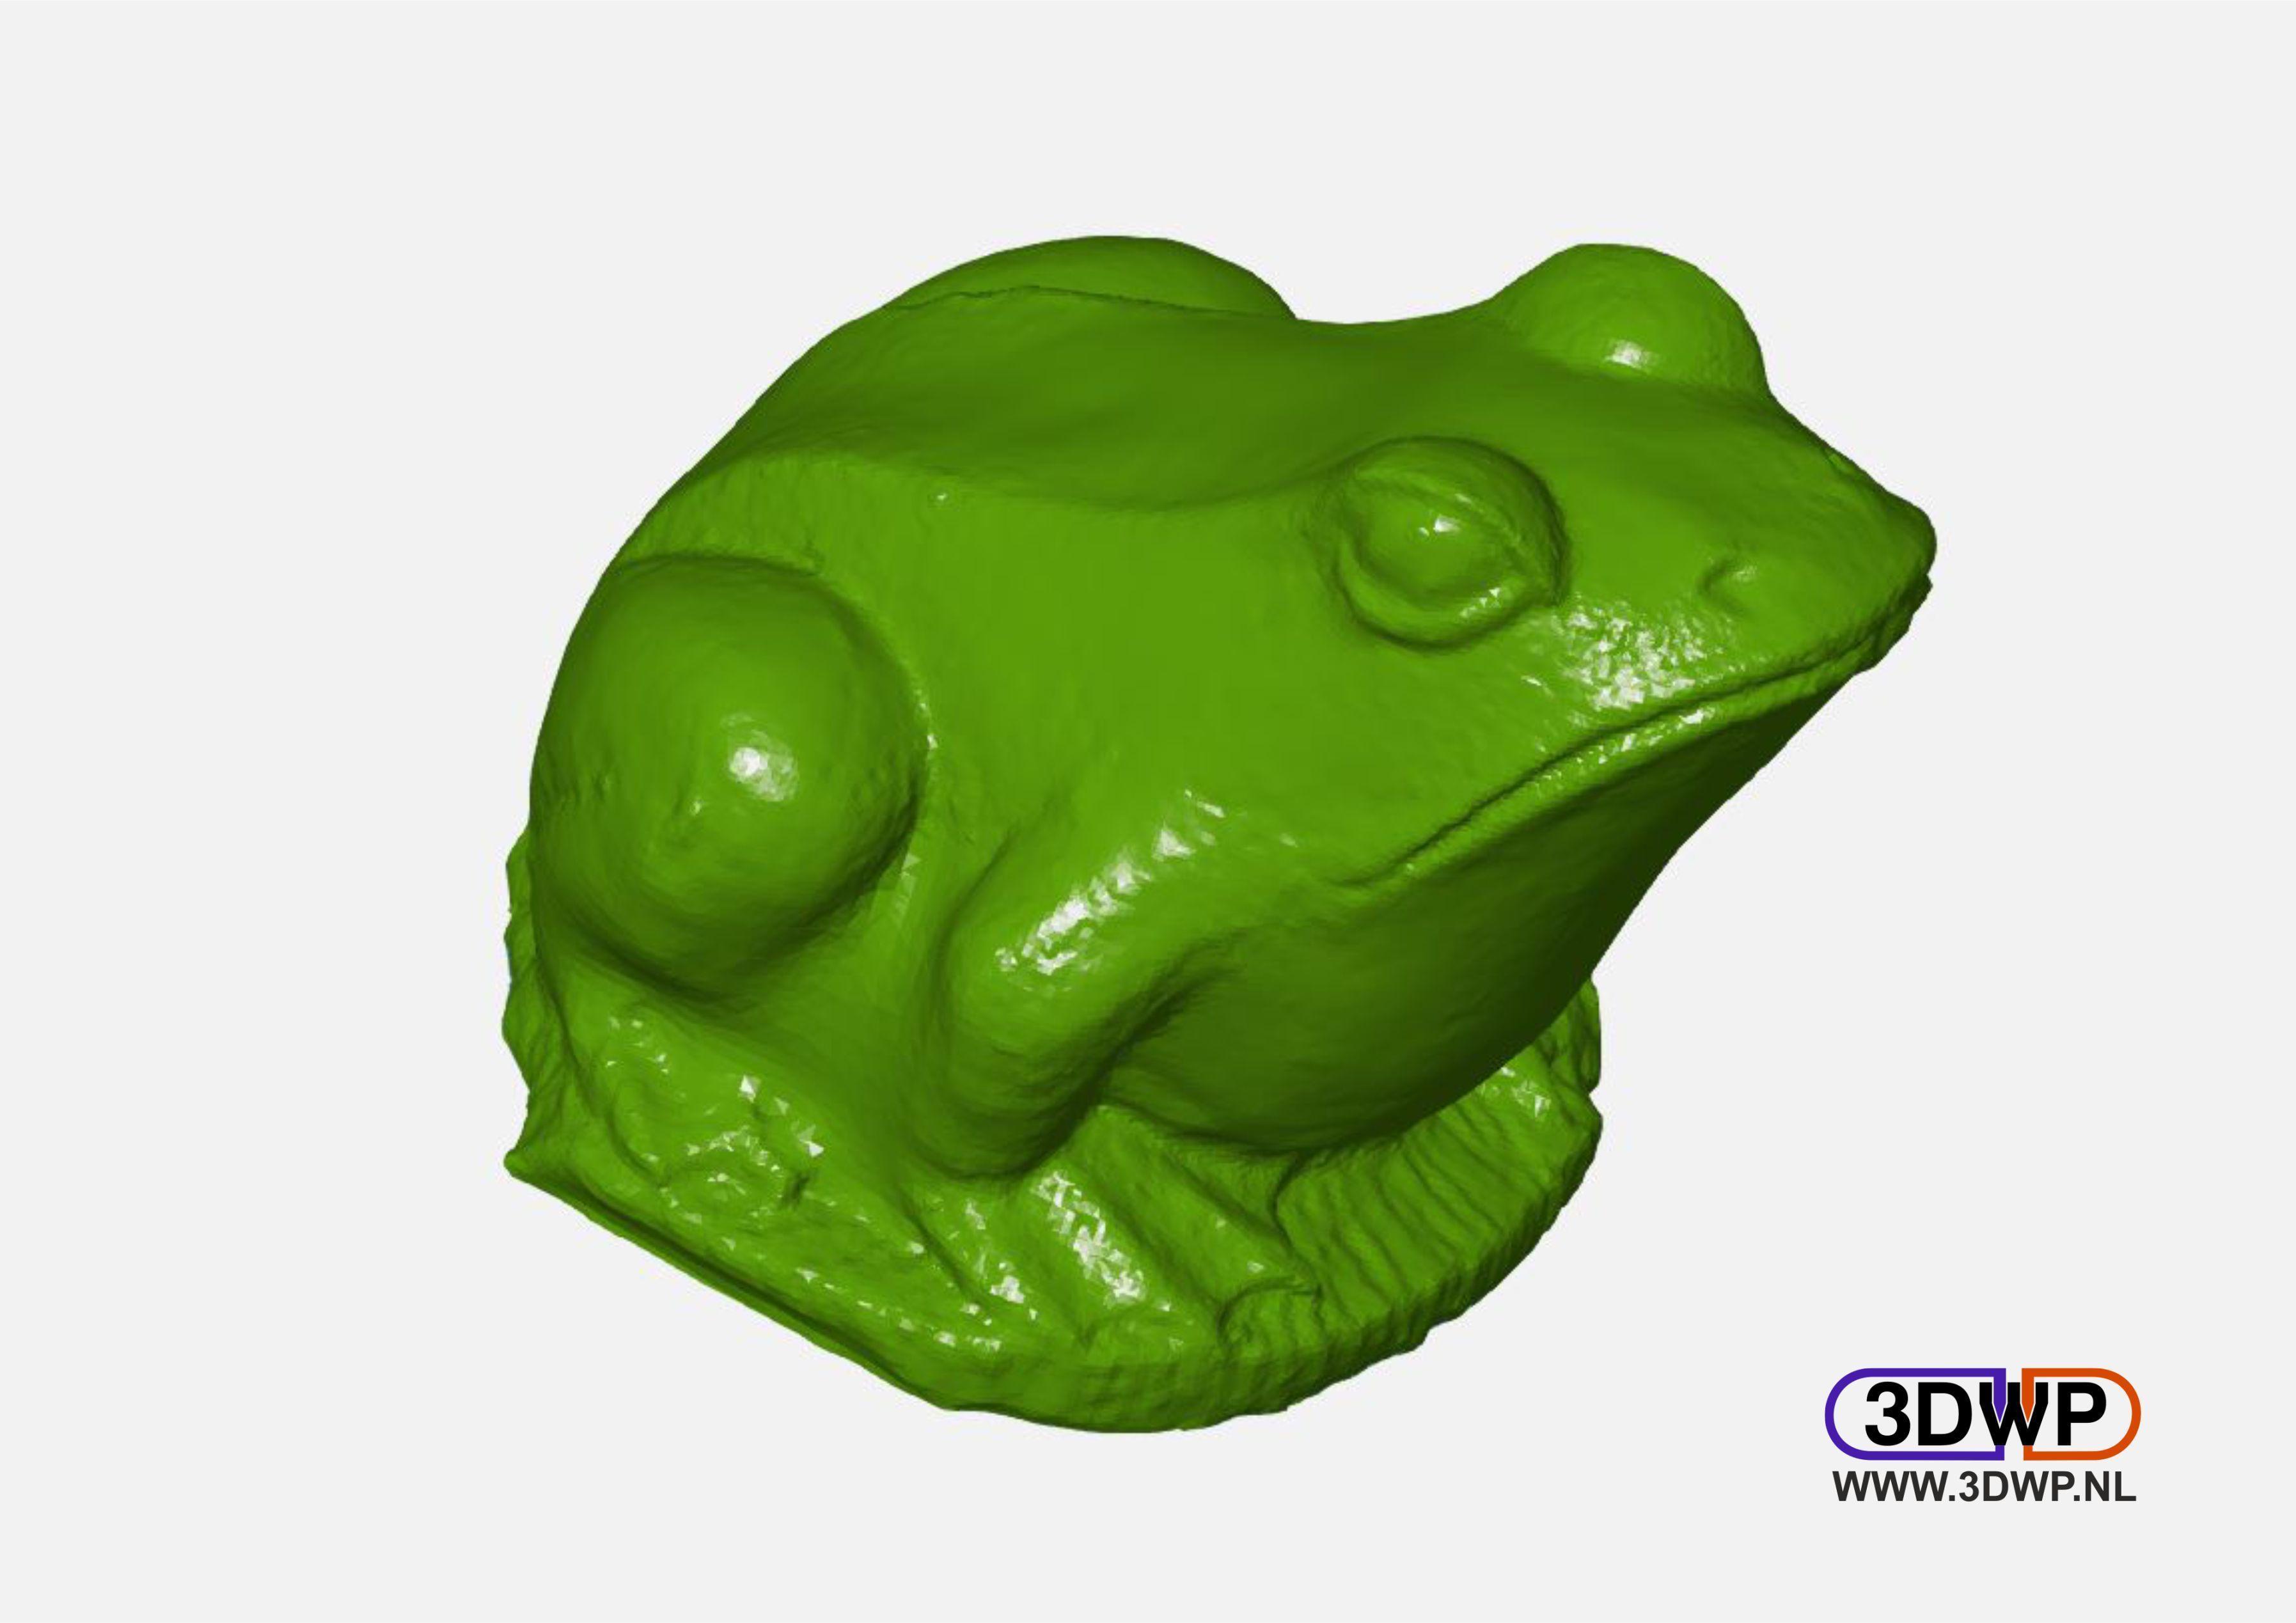 FrogSculpture.JPG Télécharger fichier STL gratuit Sculpture de grenouille - Scan 3D • Objet à imprimer en 3D, 3DWP